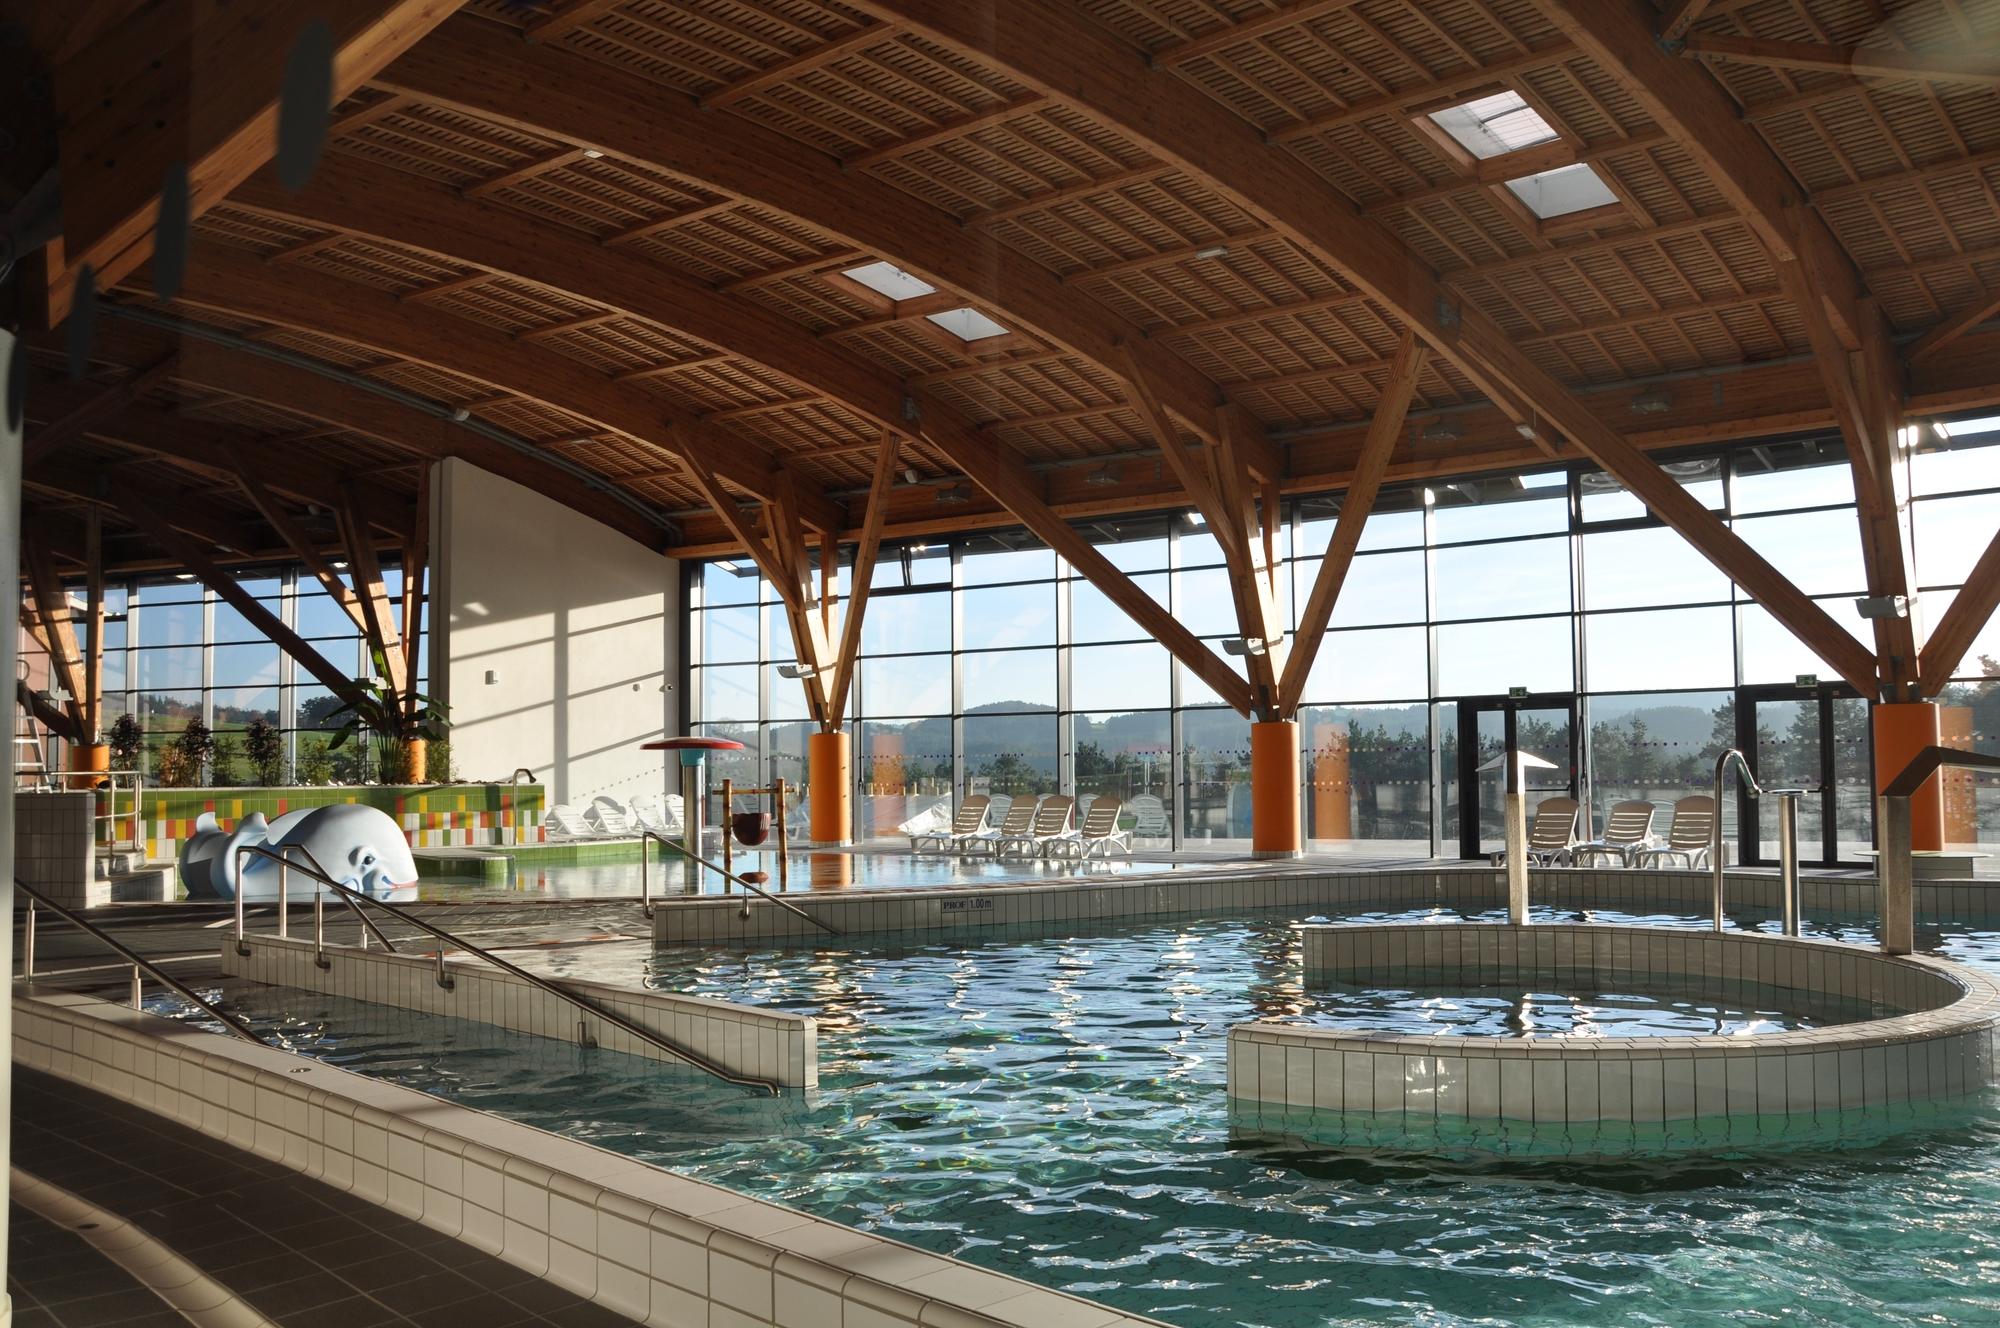 Centre aquatique des marches du velay l 39 ozen auvergne vacances - Piscine de nort sur erdre ...